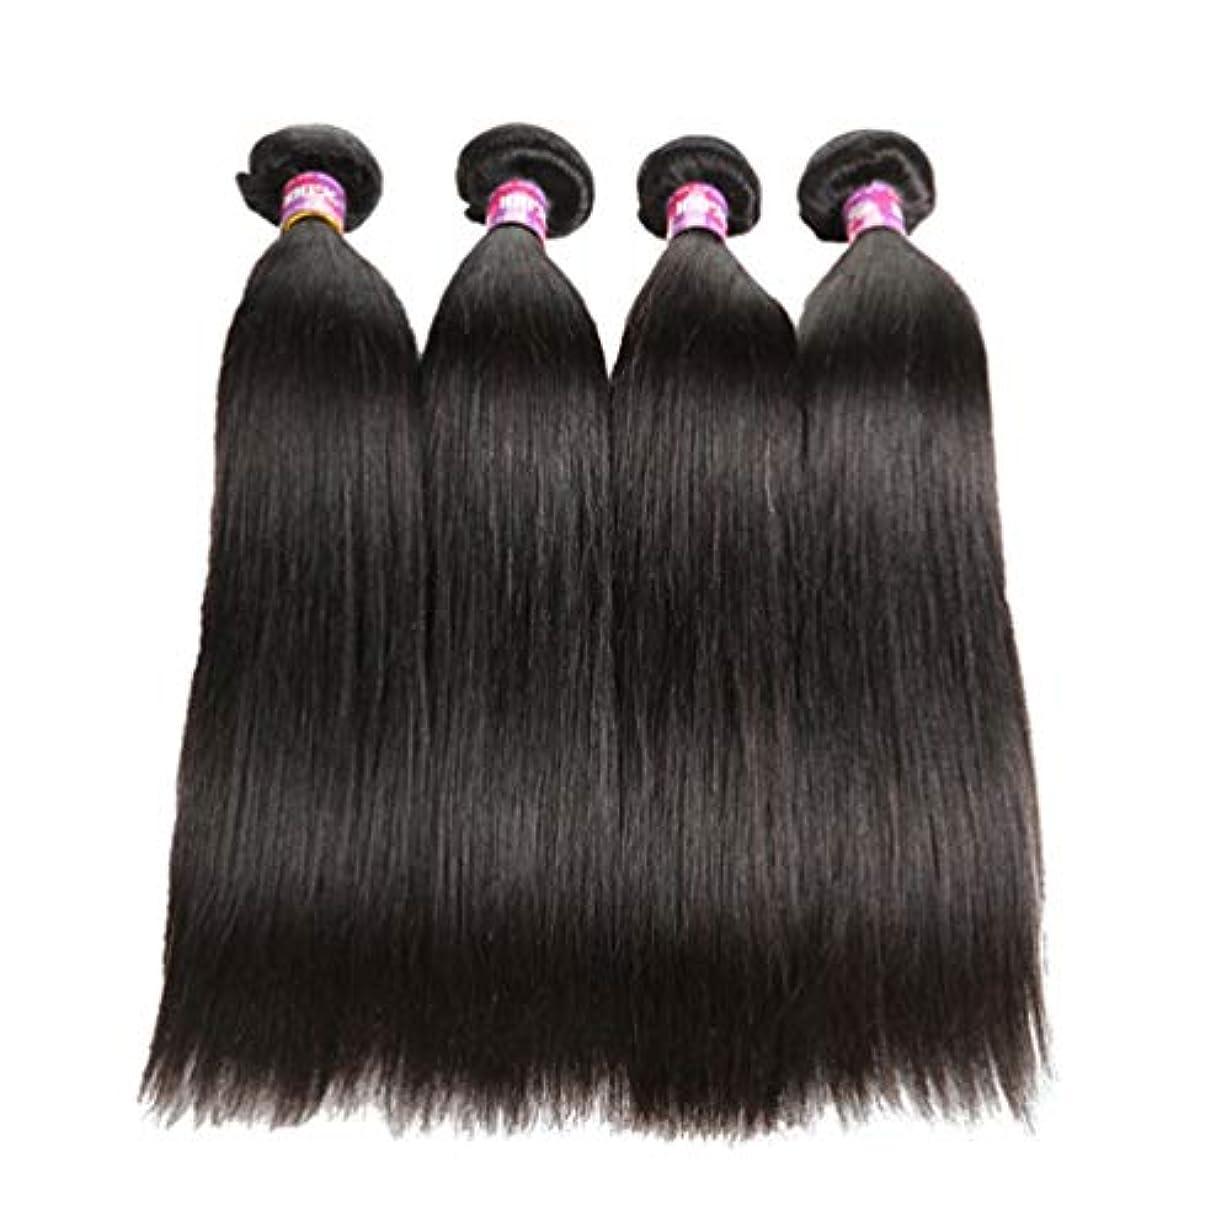 退却特権翻訳者ブラジル人100%の人間の毛髪のまっすぐな実質のRemyの自然な毛は延長横糸の完全な頭部を織ります(3束)